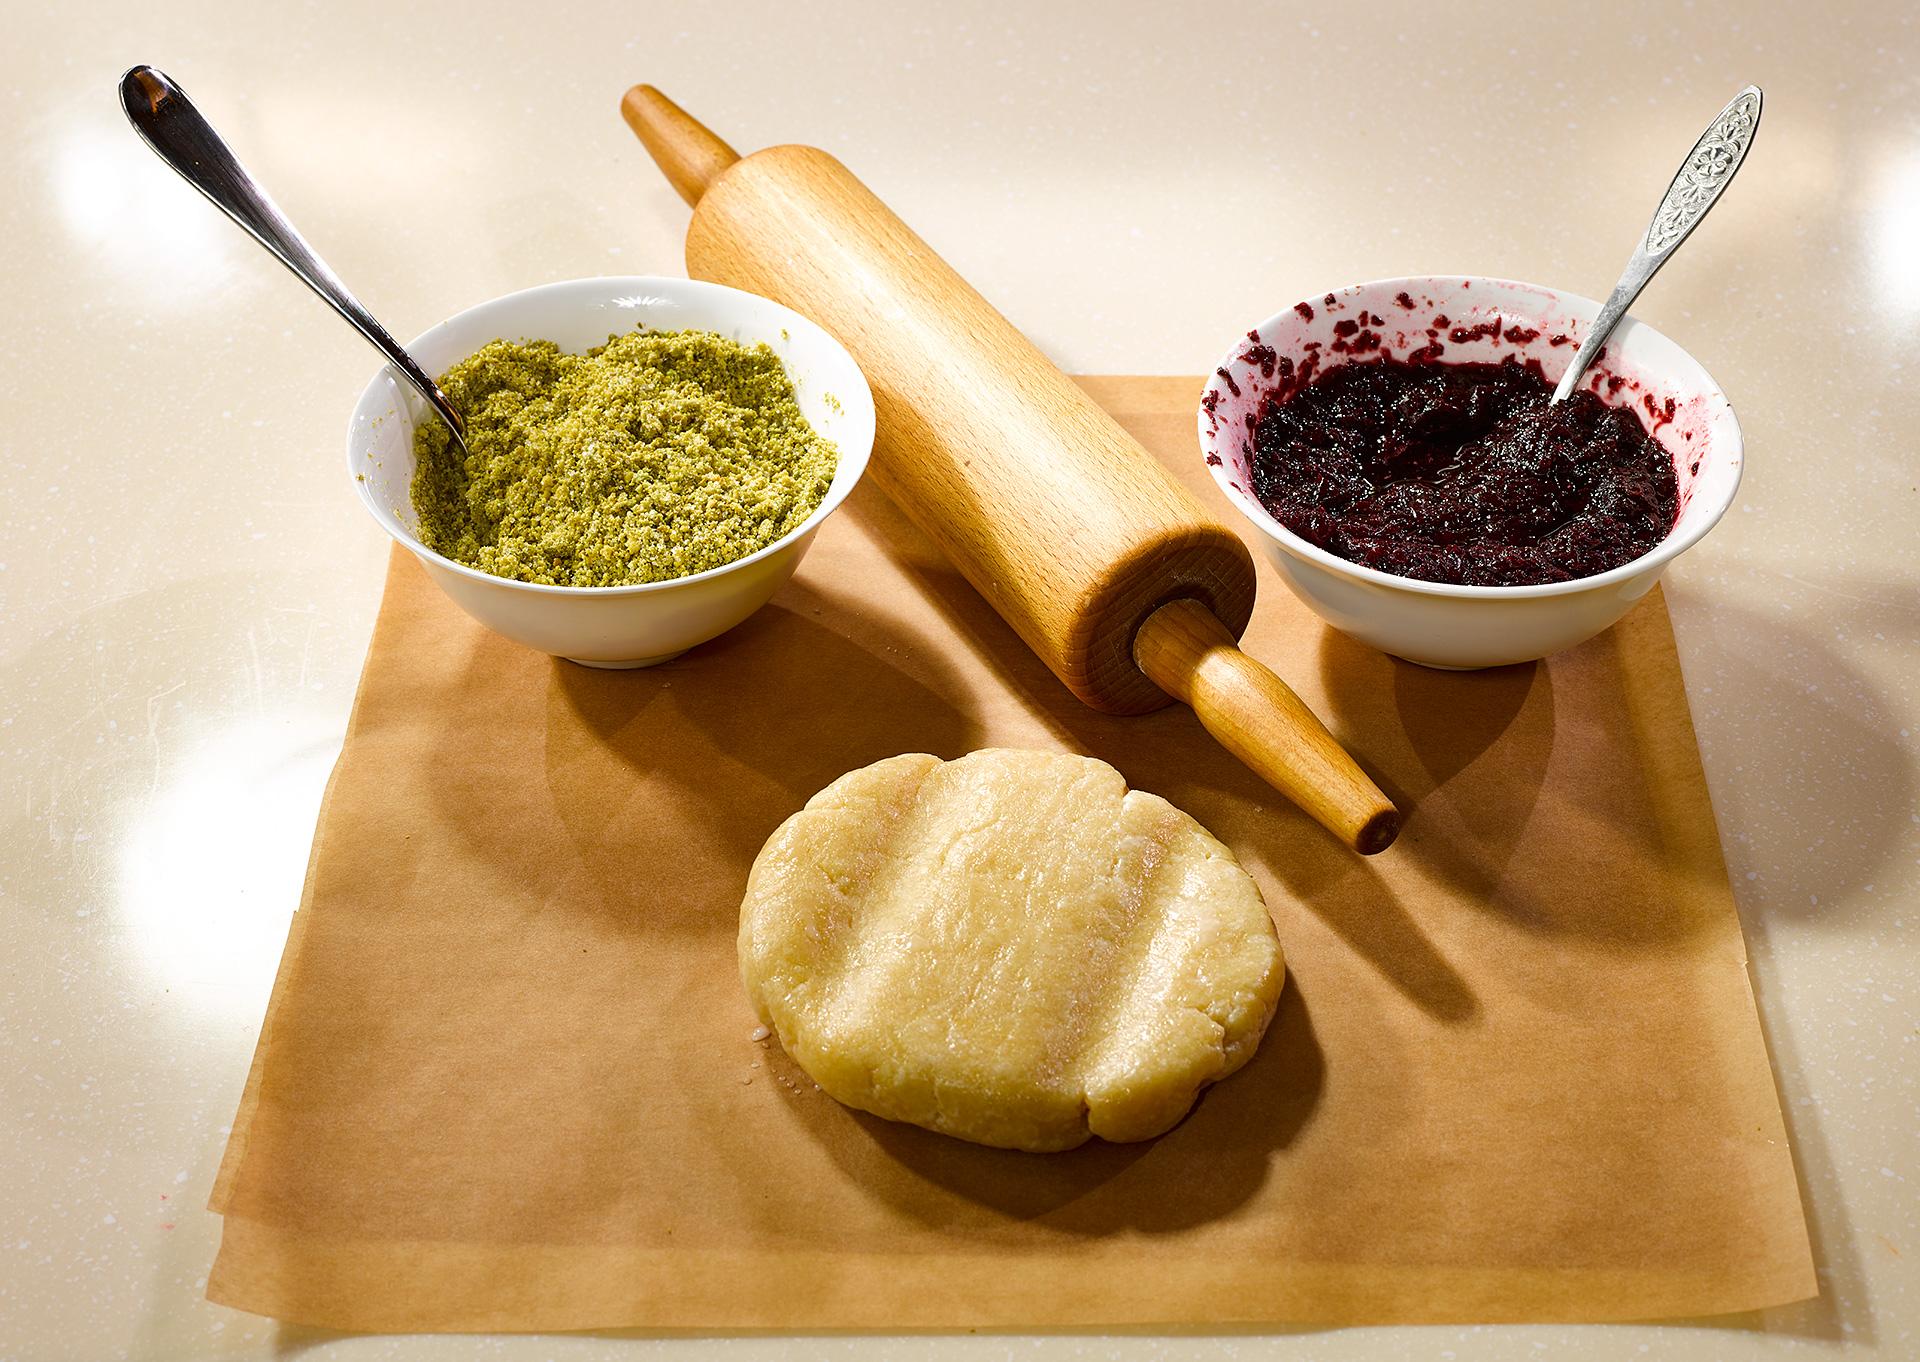 Вишневый суп и пирог тесто, грамм, сахар, приправить, может, Добавить, огурцы, вишни, порцию, другие, чтобы, положено, будет, кардамон, зеленый, недоумение, вызывает, масле, варьироваться, растворится